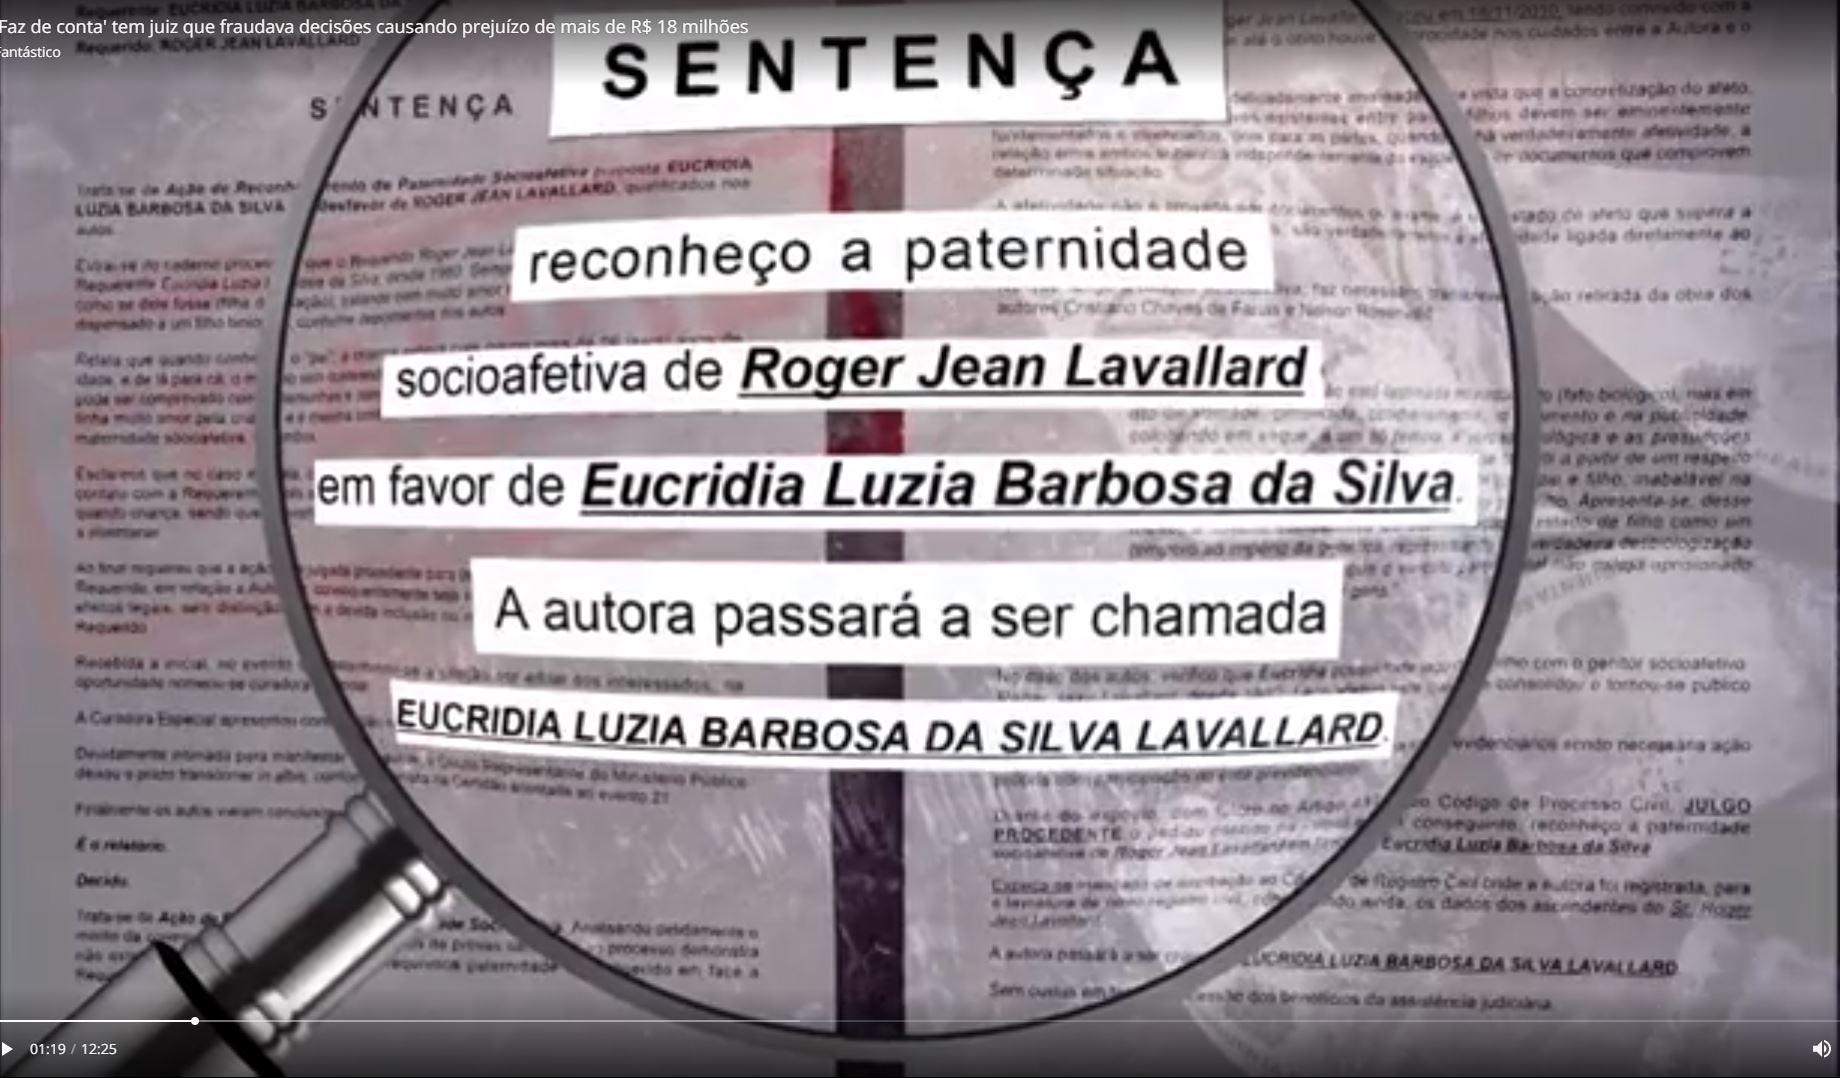 'Faz de conta' criminoso tem juiz que fraudava decisões causando prejuízo de mais de R$ 18 milhões